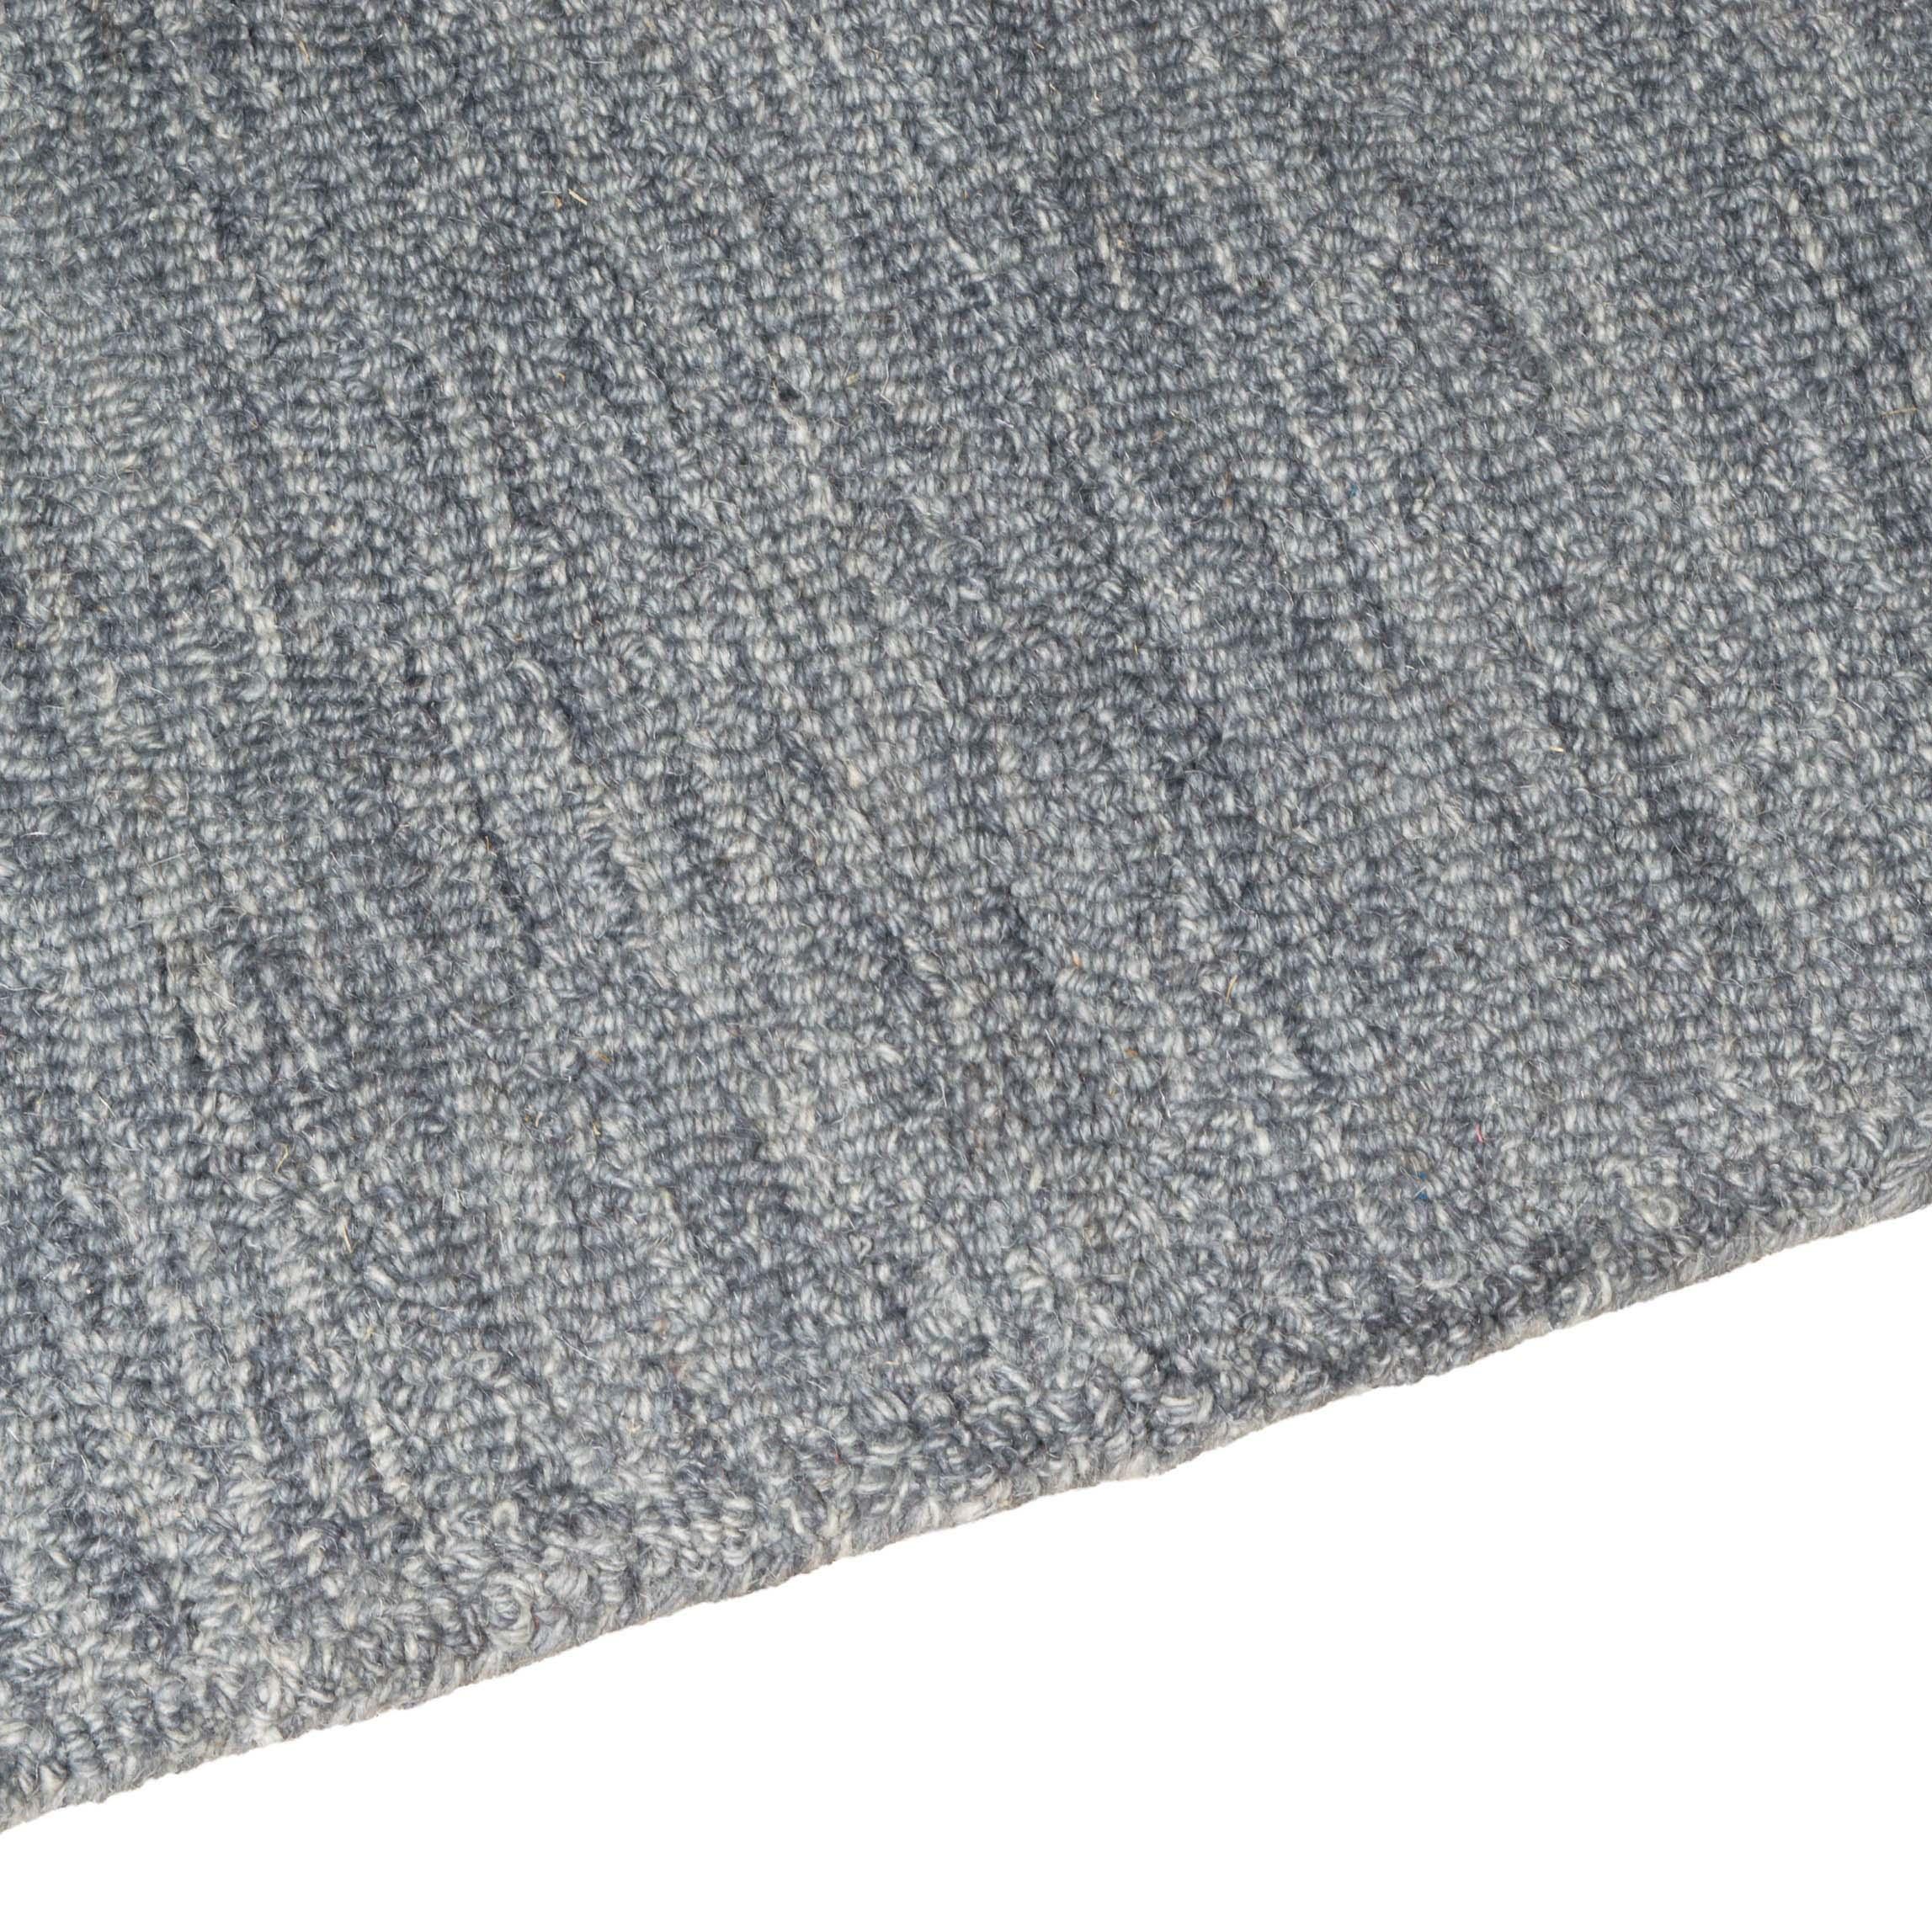 MARLG1_Marled_Grey_160x230-edge